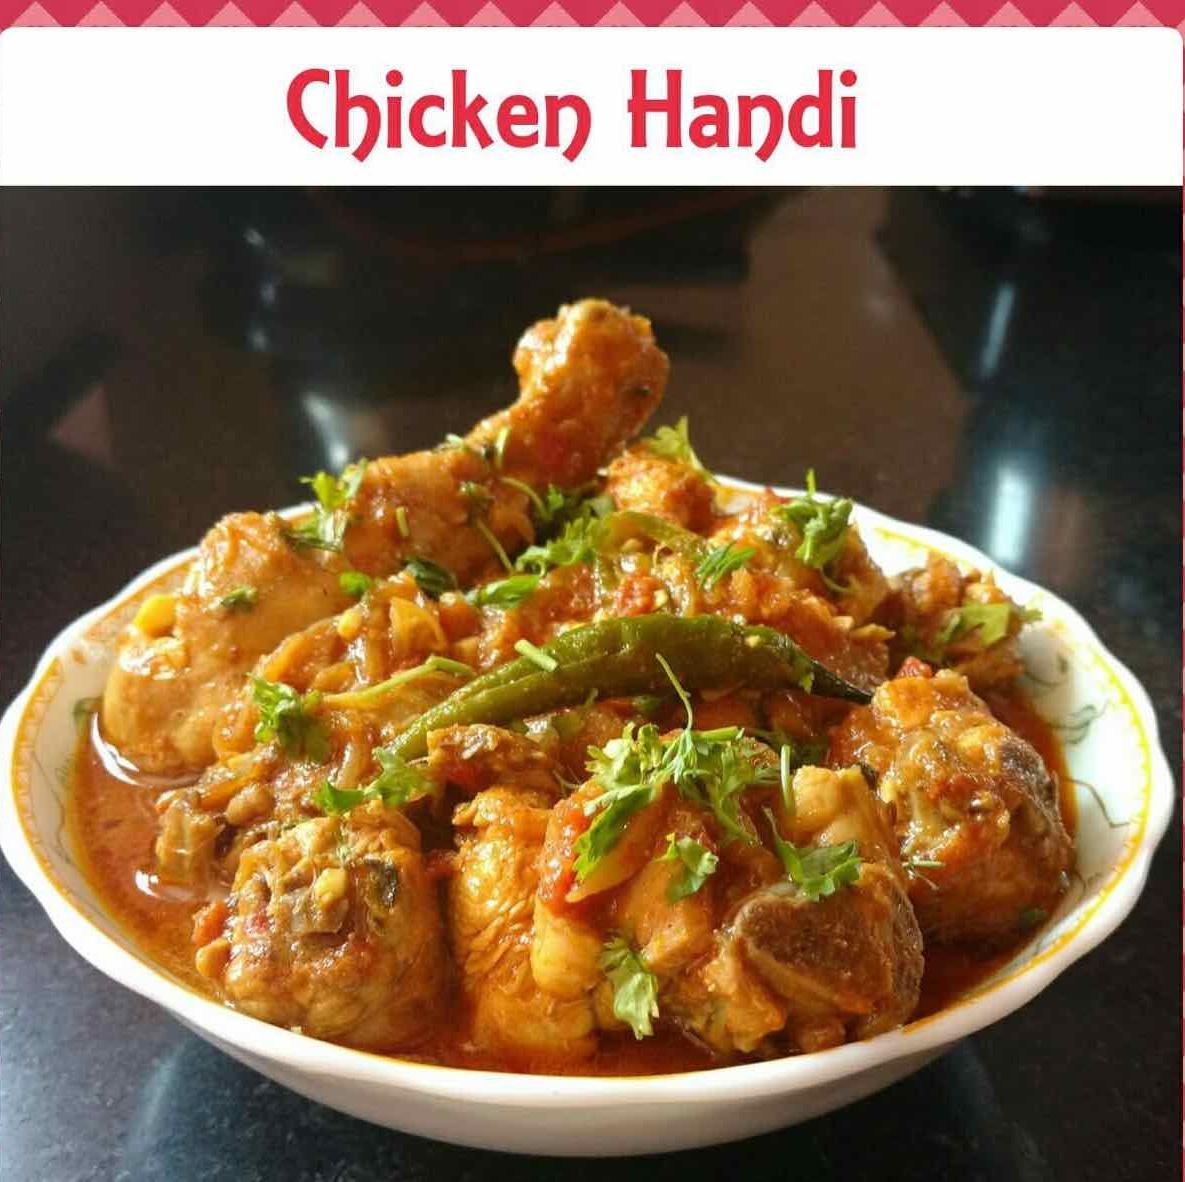 How to make Chicken Handi/Murgh Handi